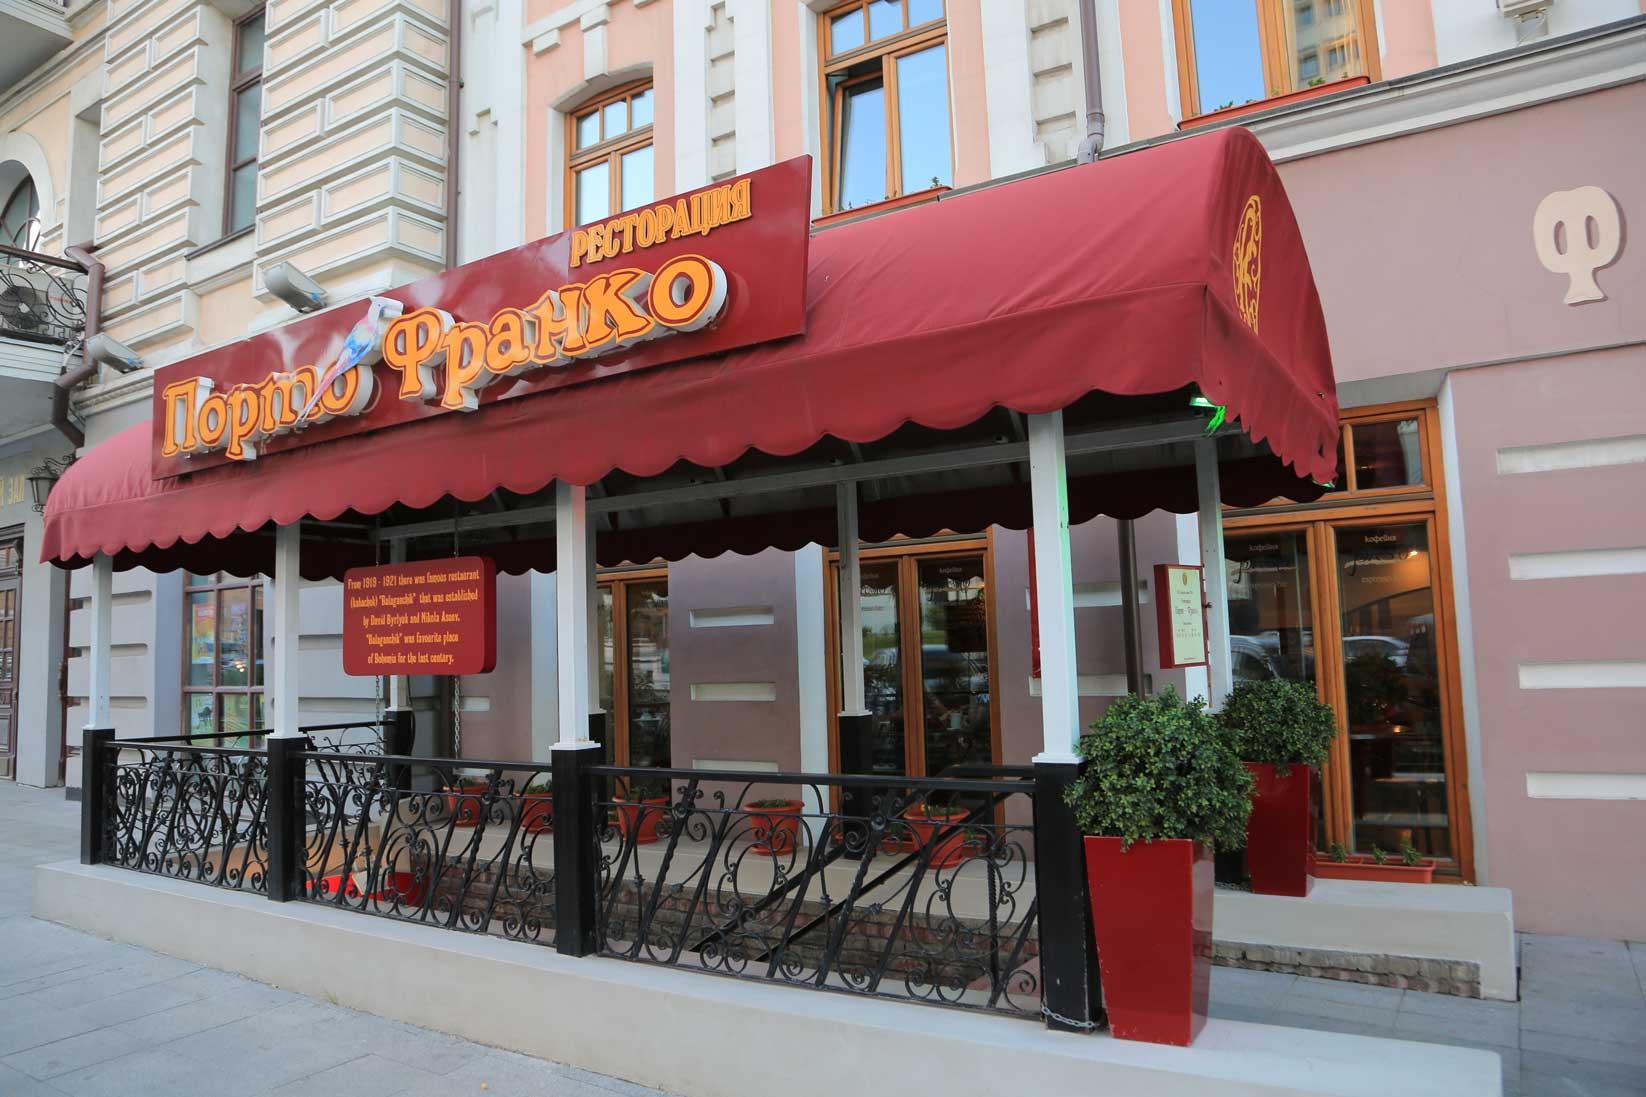 ウラジオストクのグルメ ~ おしゃれなレストランから街角の食堂まで_b0235153_819916.jpg